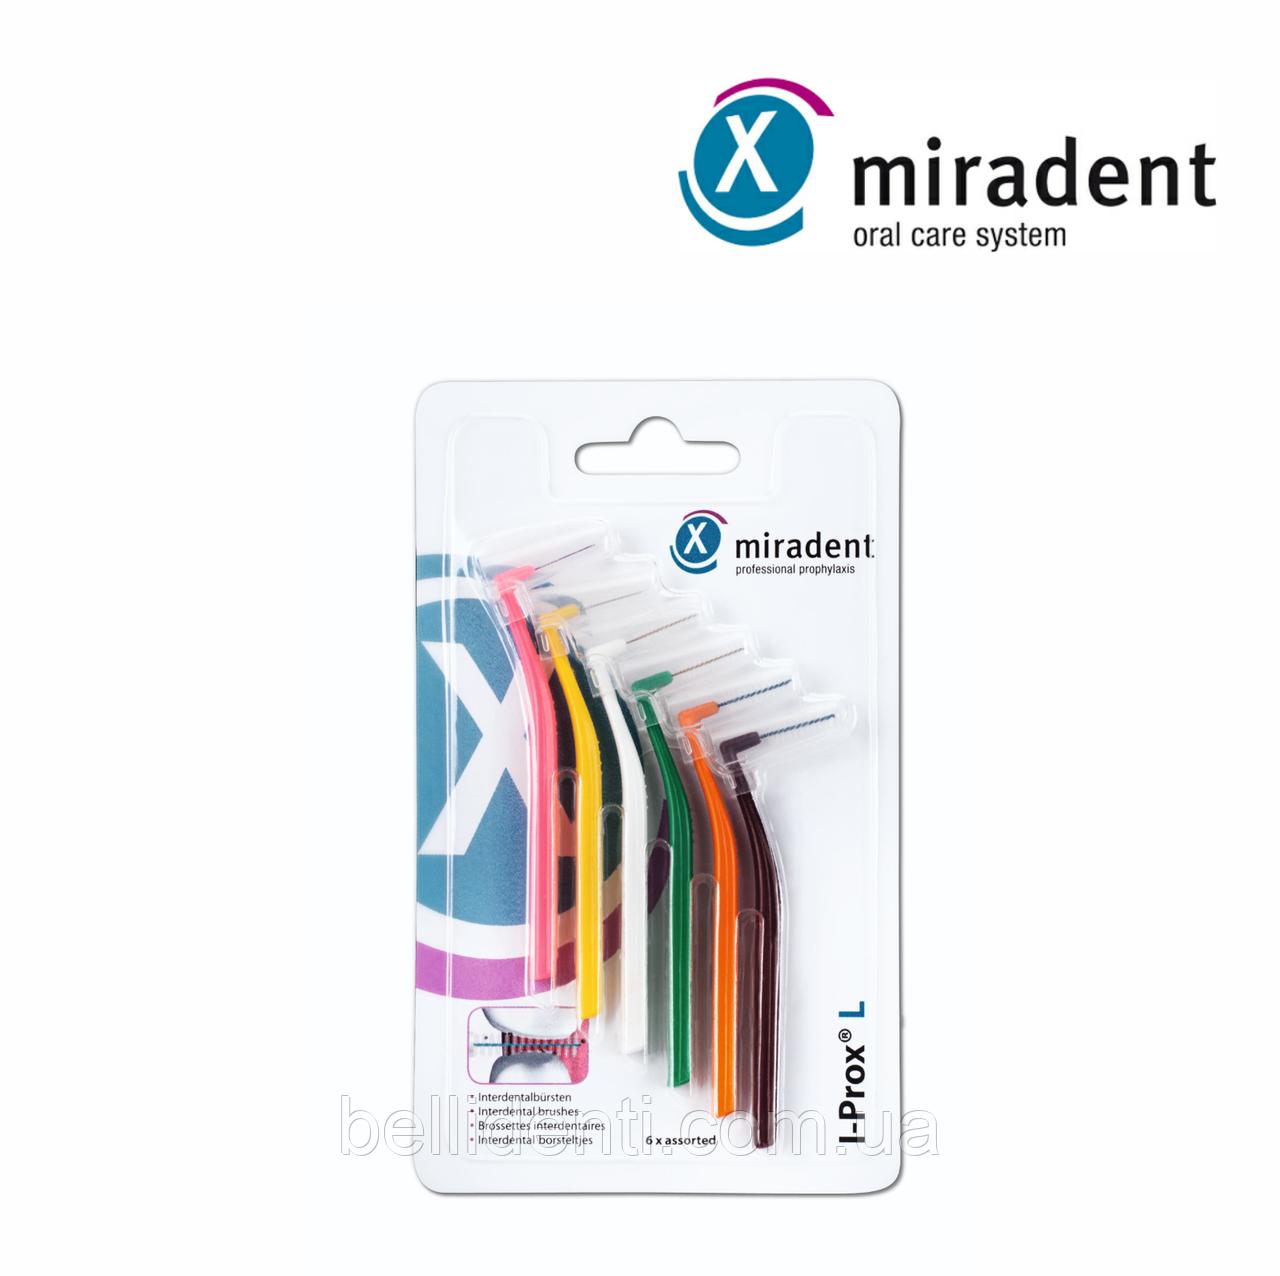 I-Prox chk miradent ручной интердентальный ершик, ассорти (6 шт)